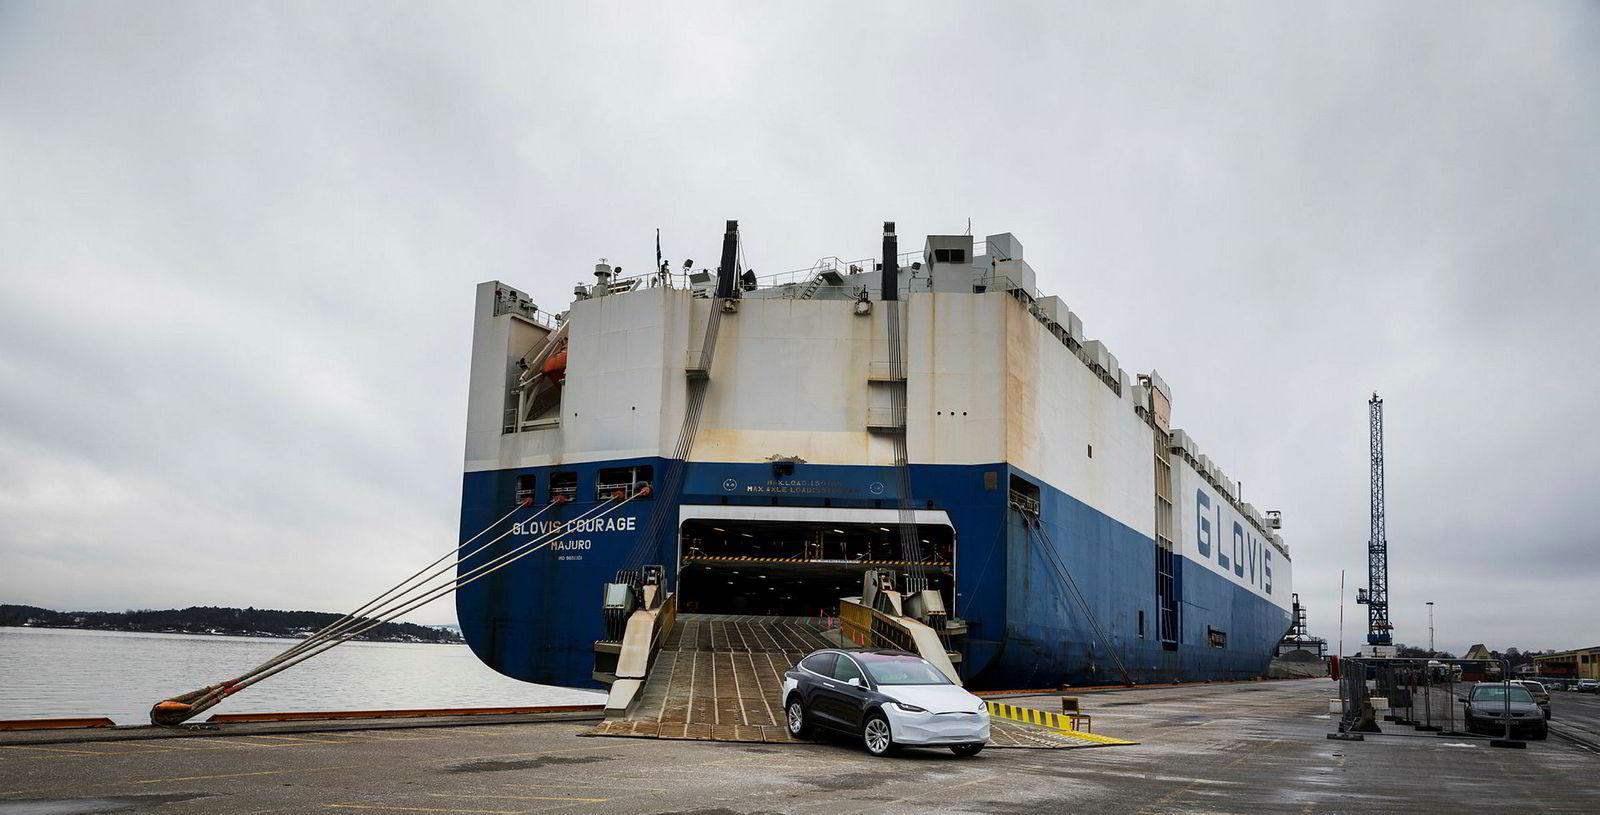 Denne gangen er bilfrakteskipet «Glovis Courage» lastet med 1305 Teslaer. Flere er ventet med et nytt skip i neste uke.